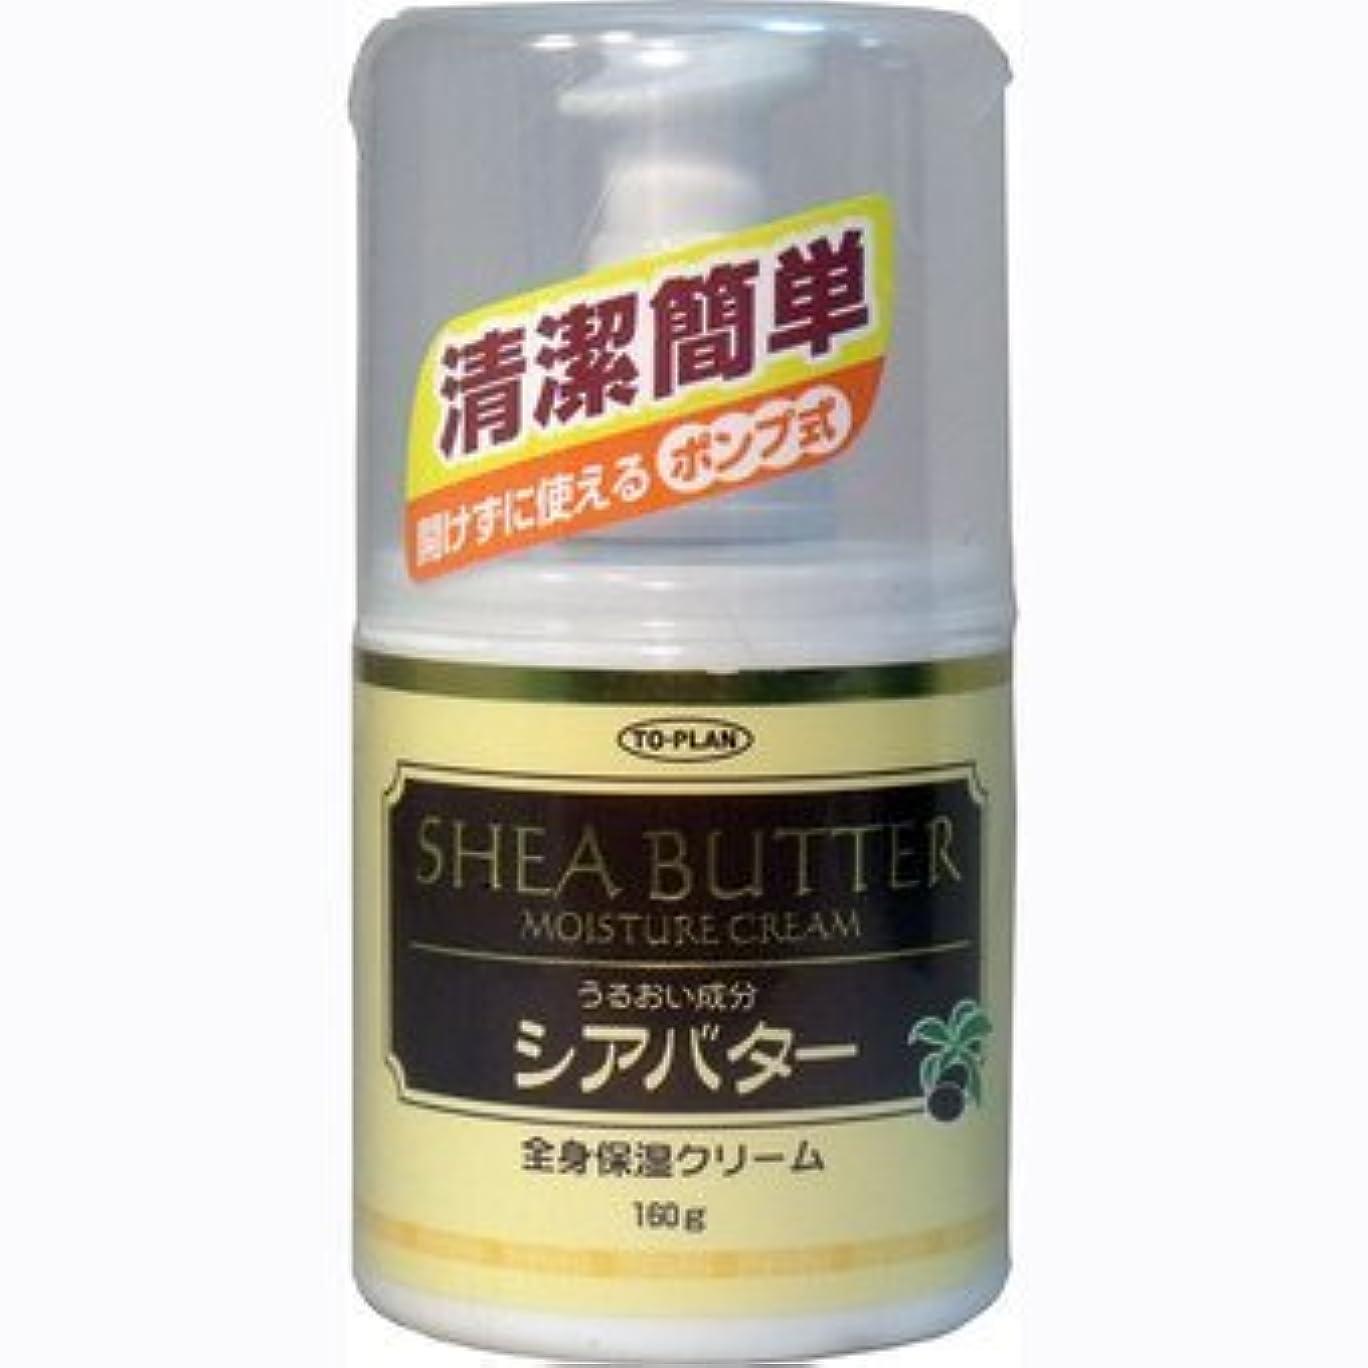 普通の知覚できる知らせるトプラン 全身保湿クリーム シアバター ポンプ式 160g (商品内訳:単品1本)